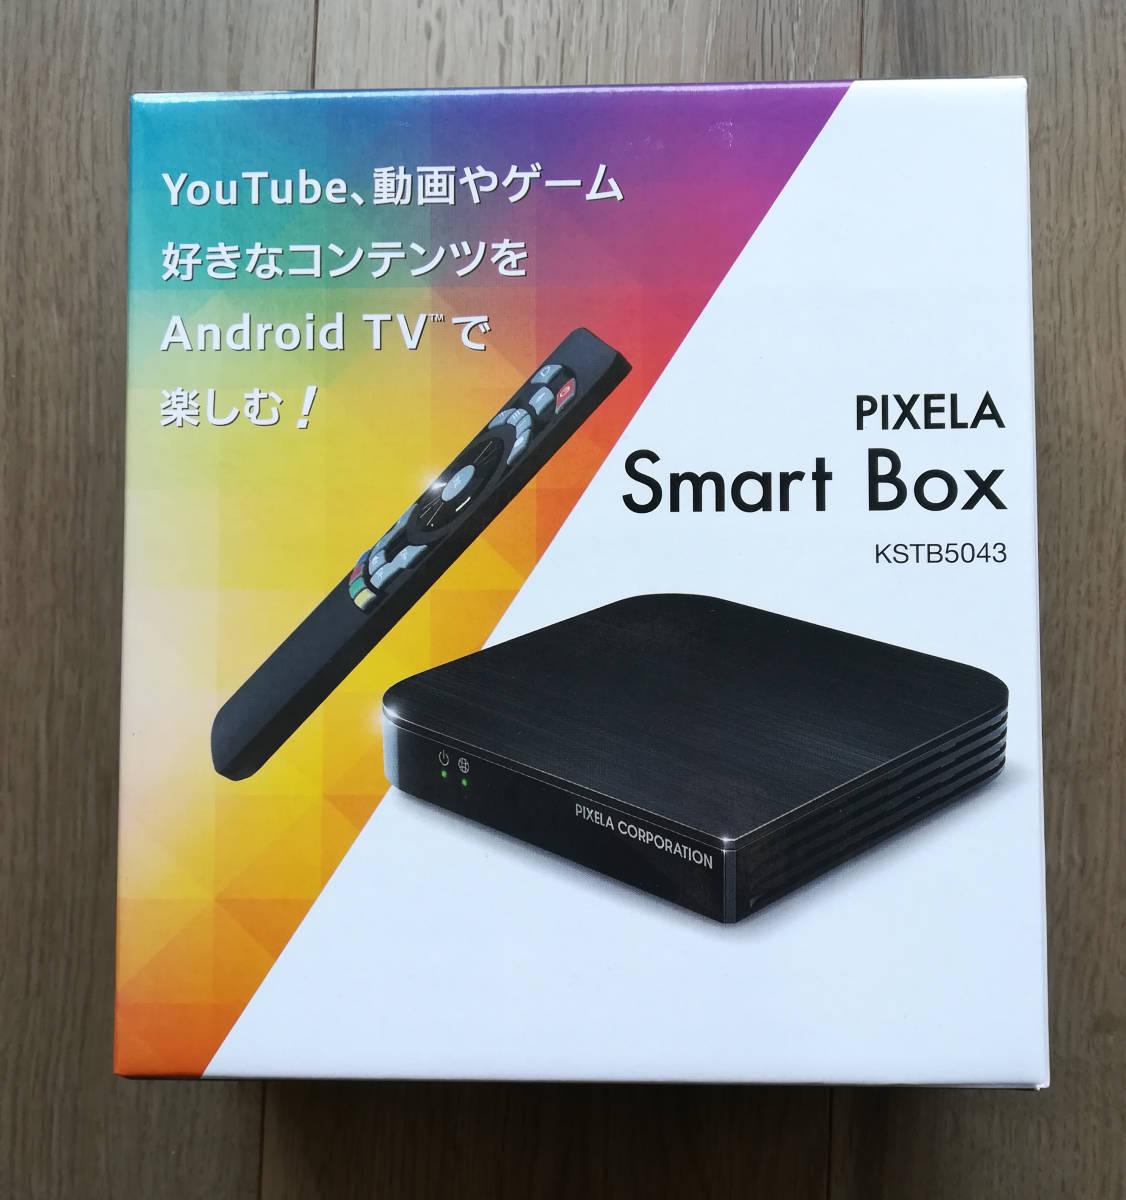 未開封 HDR対応 テレビで楽しむ Box KSTB5043 スポーツ ピクセラ Smart androidTV メディアストリーミング端末 LAN経由 Wi-Fi 4K pixela